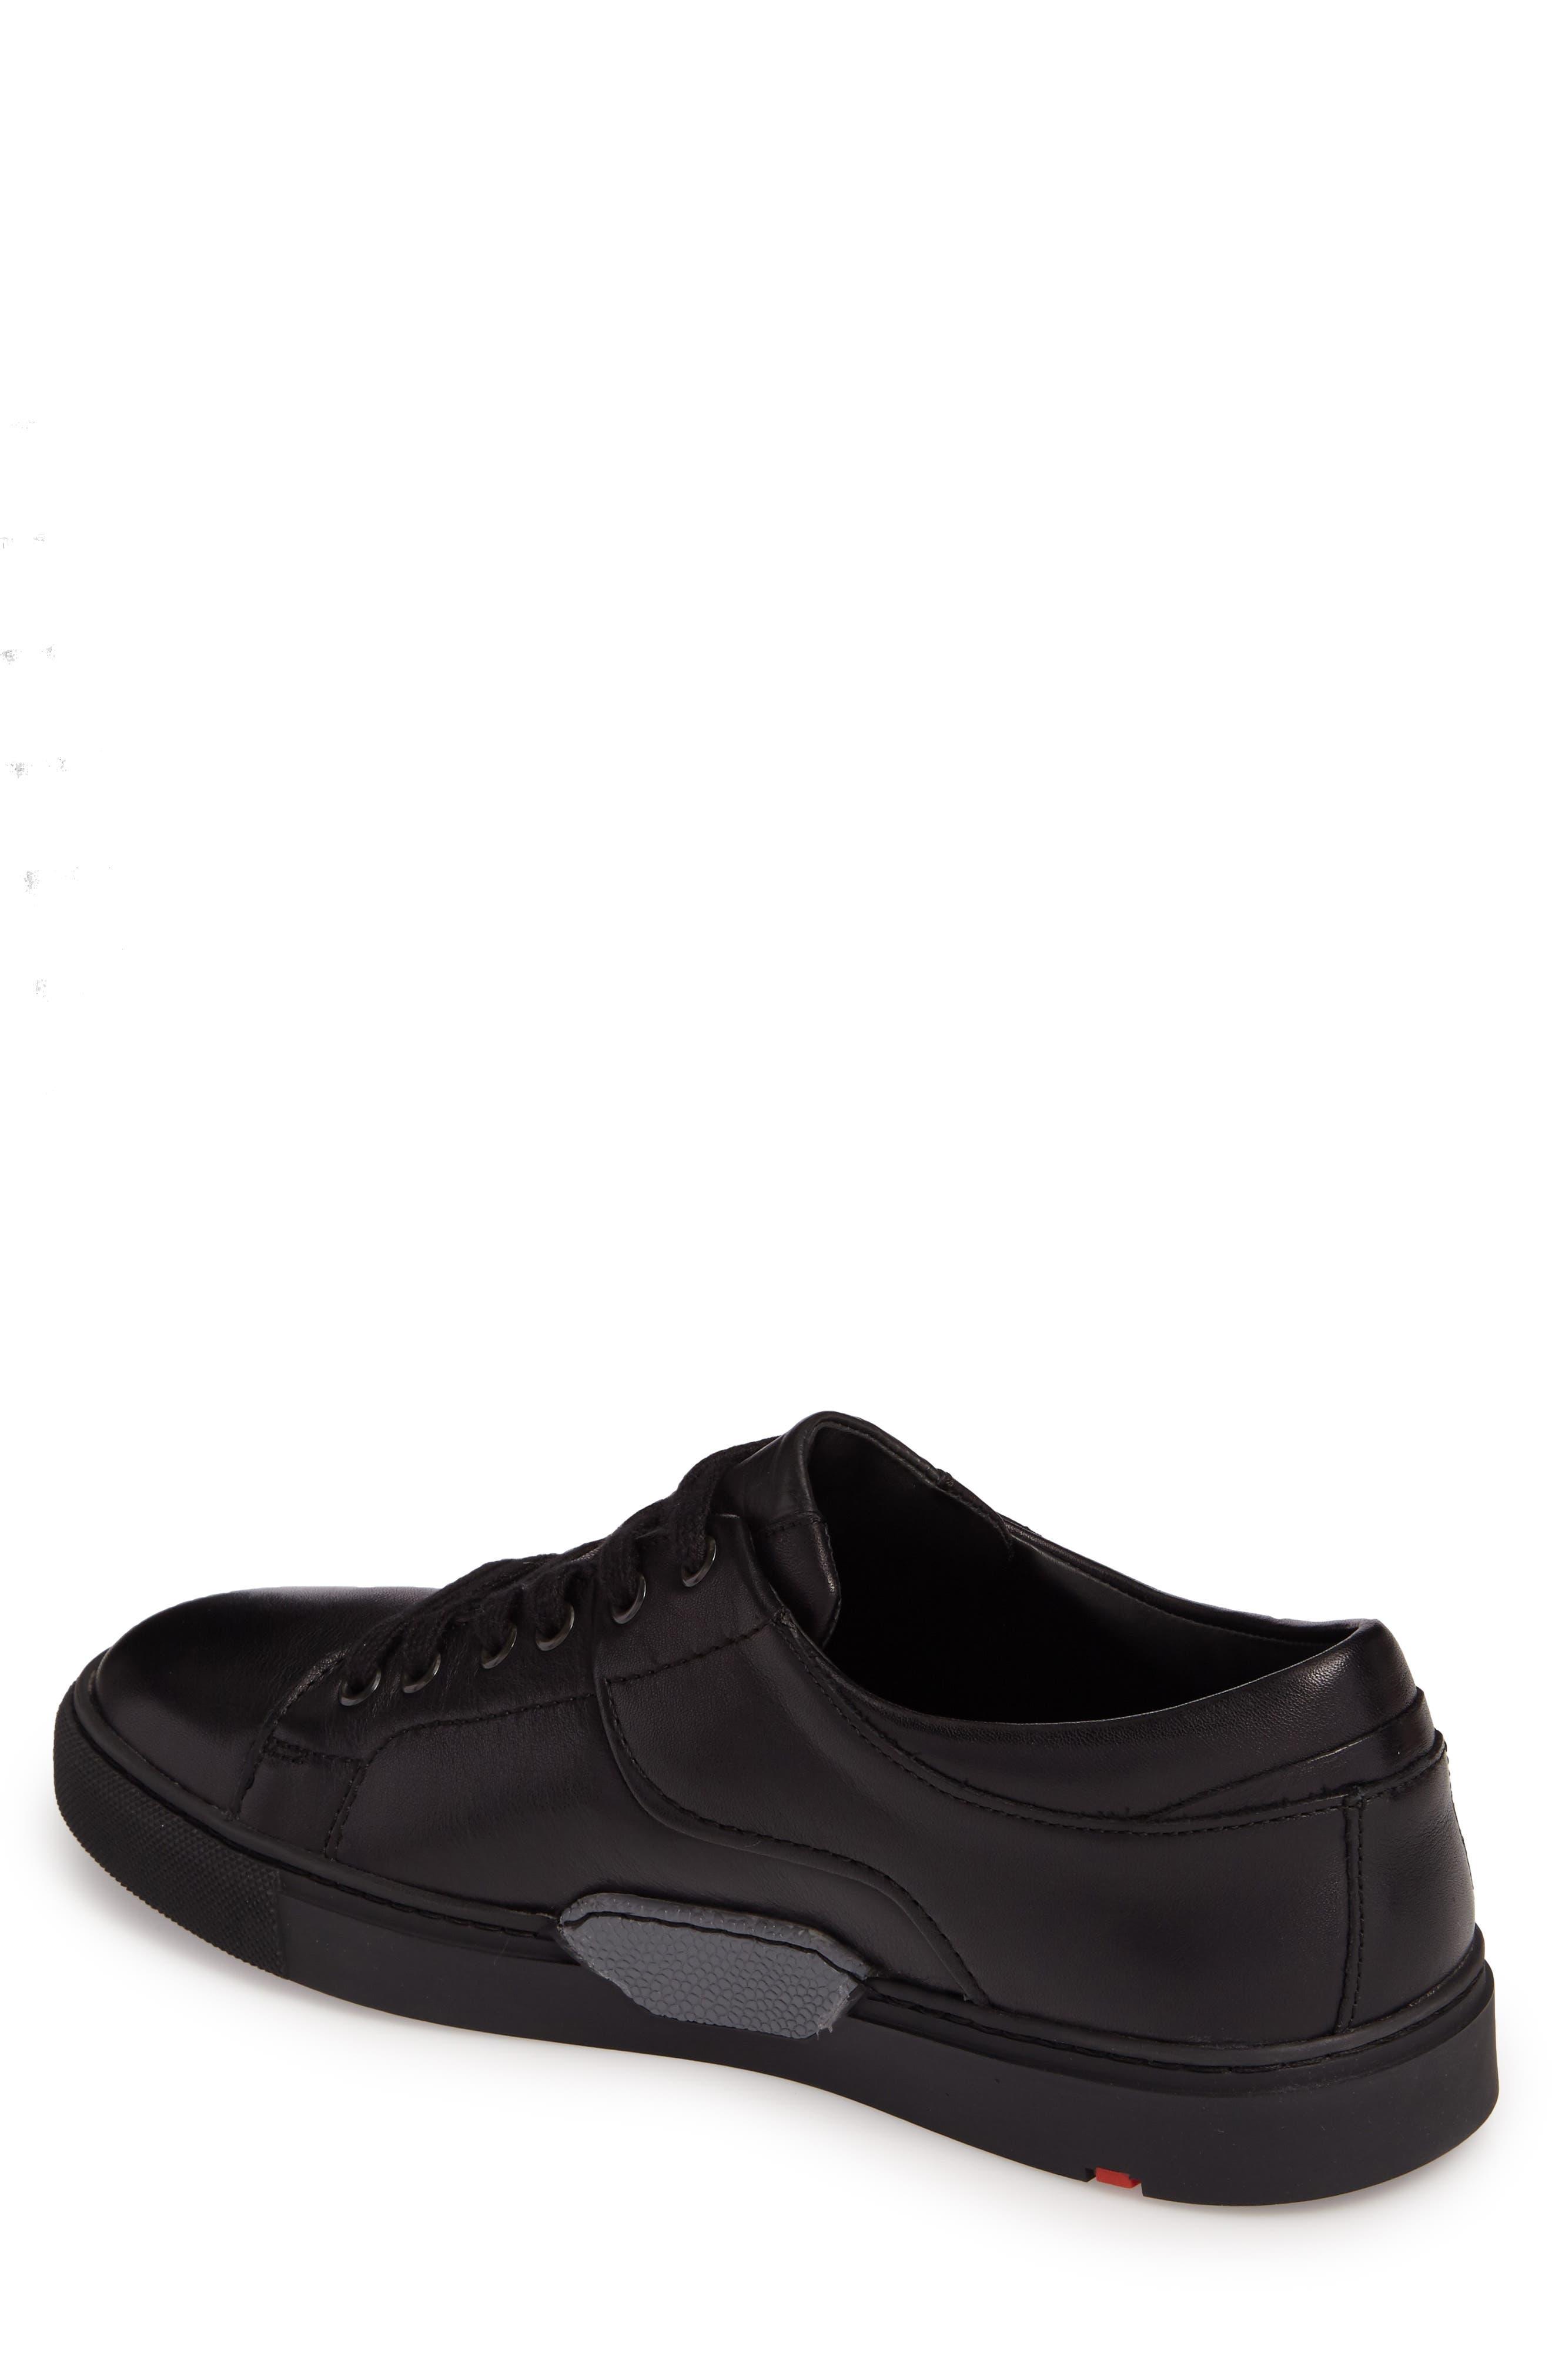 Adamson Sneaker,                             Alternate thumbnail 2, color,                             001